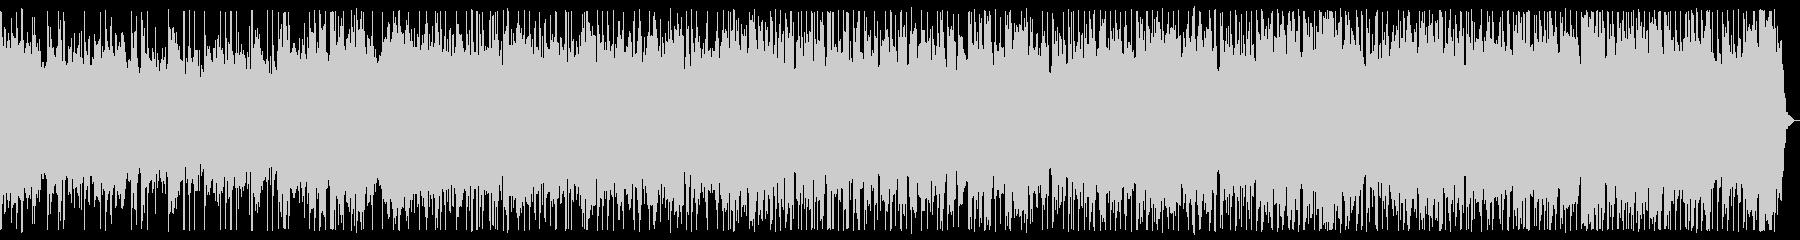 スロー、ダークなメタルBGMの未再生の波形